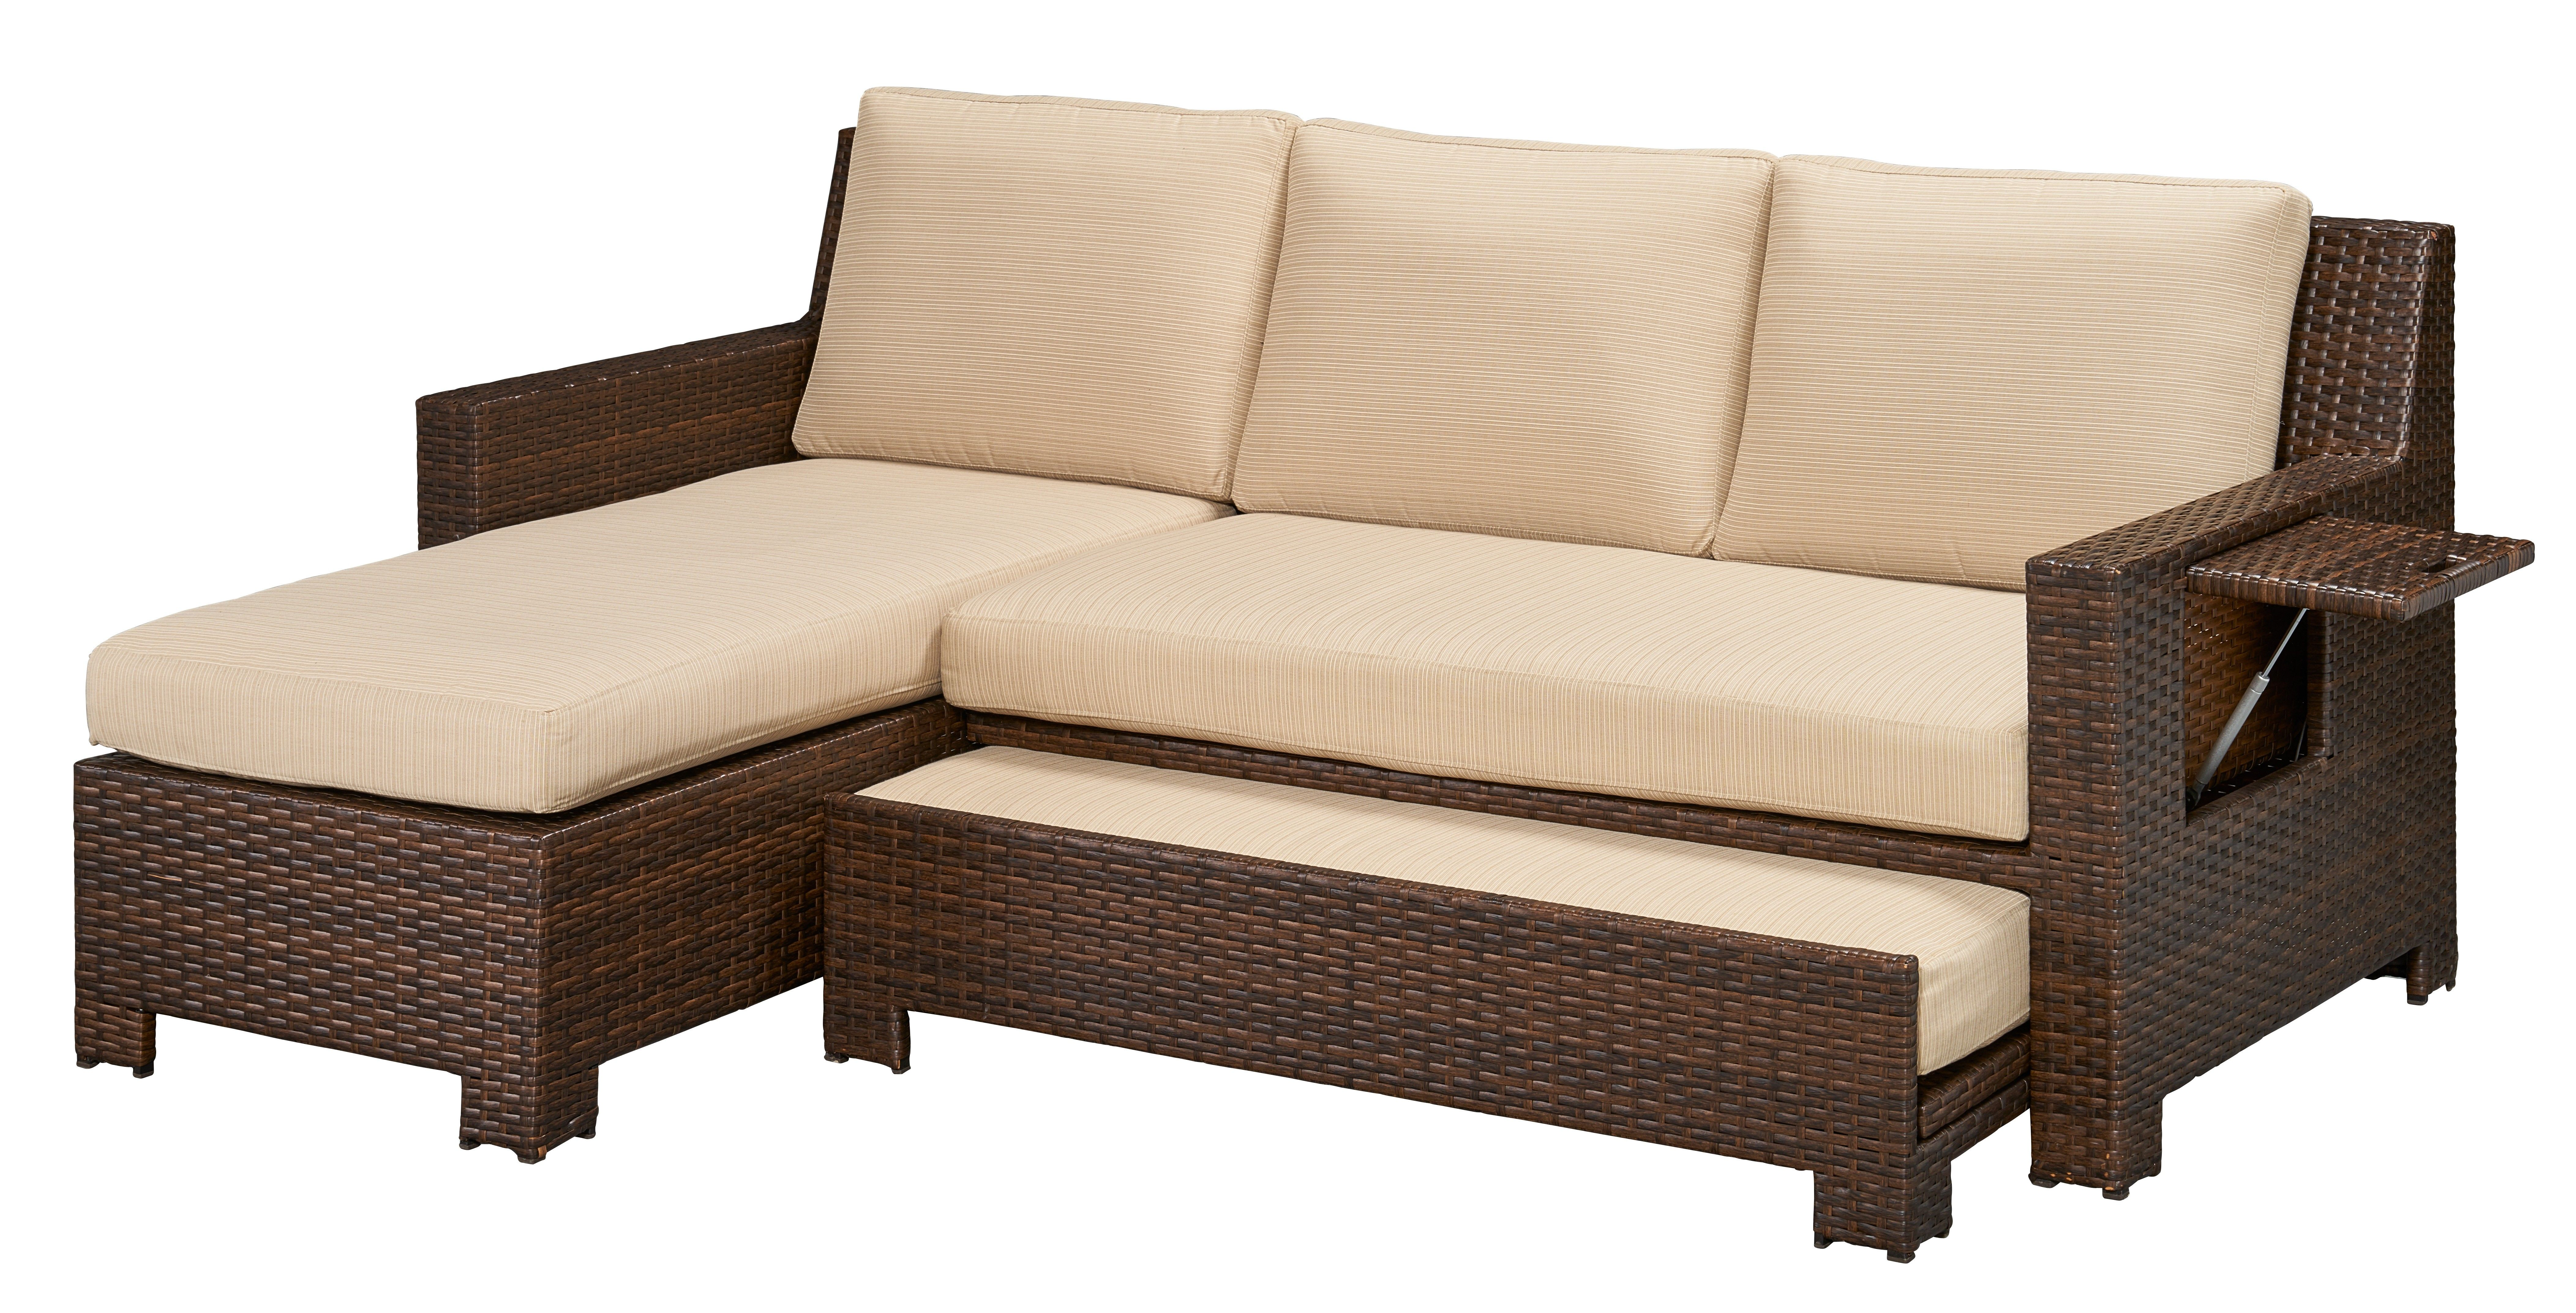 Outdoor Futon Sectional Westshore Outdoor Futon Outdoor Sofa